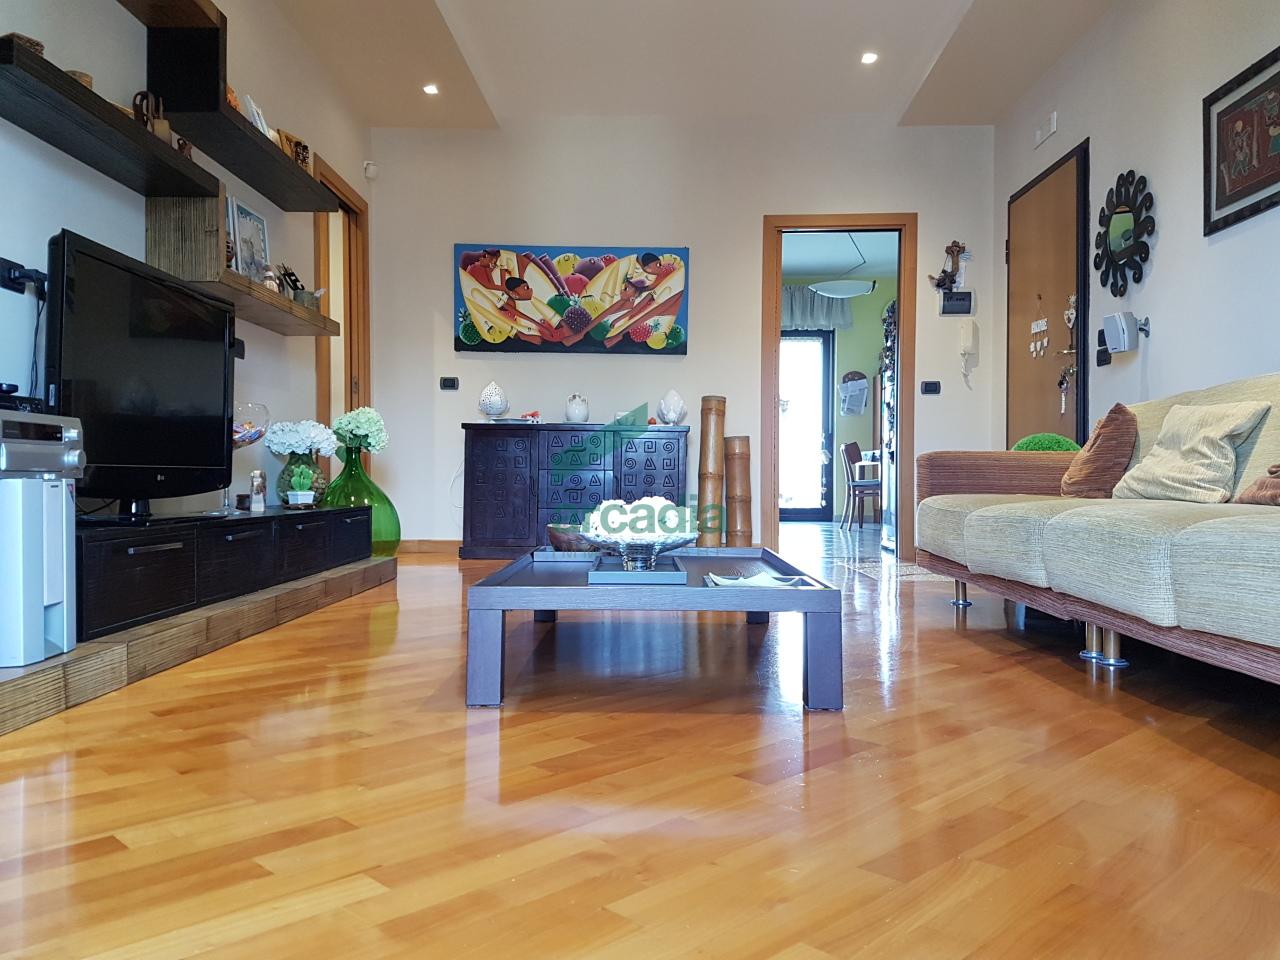 Appartamento in vendita a Bari, 4 locali, prezzo € 180.000 | CambioCasa.it